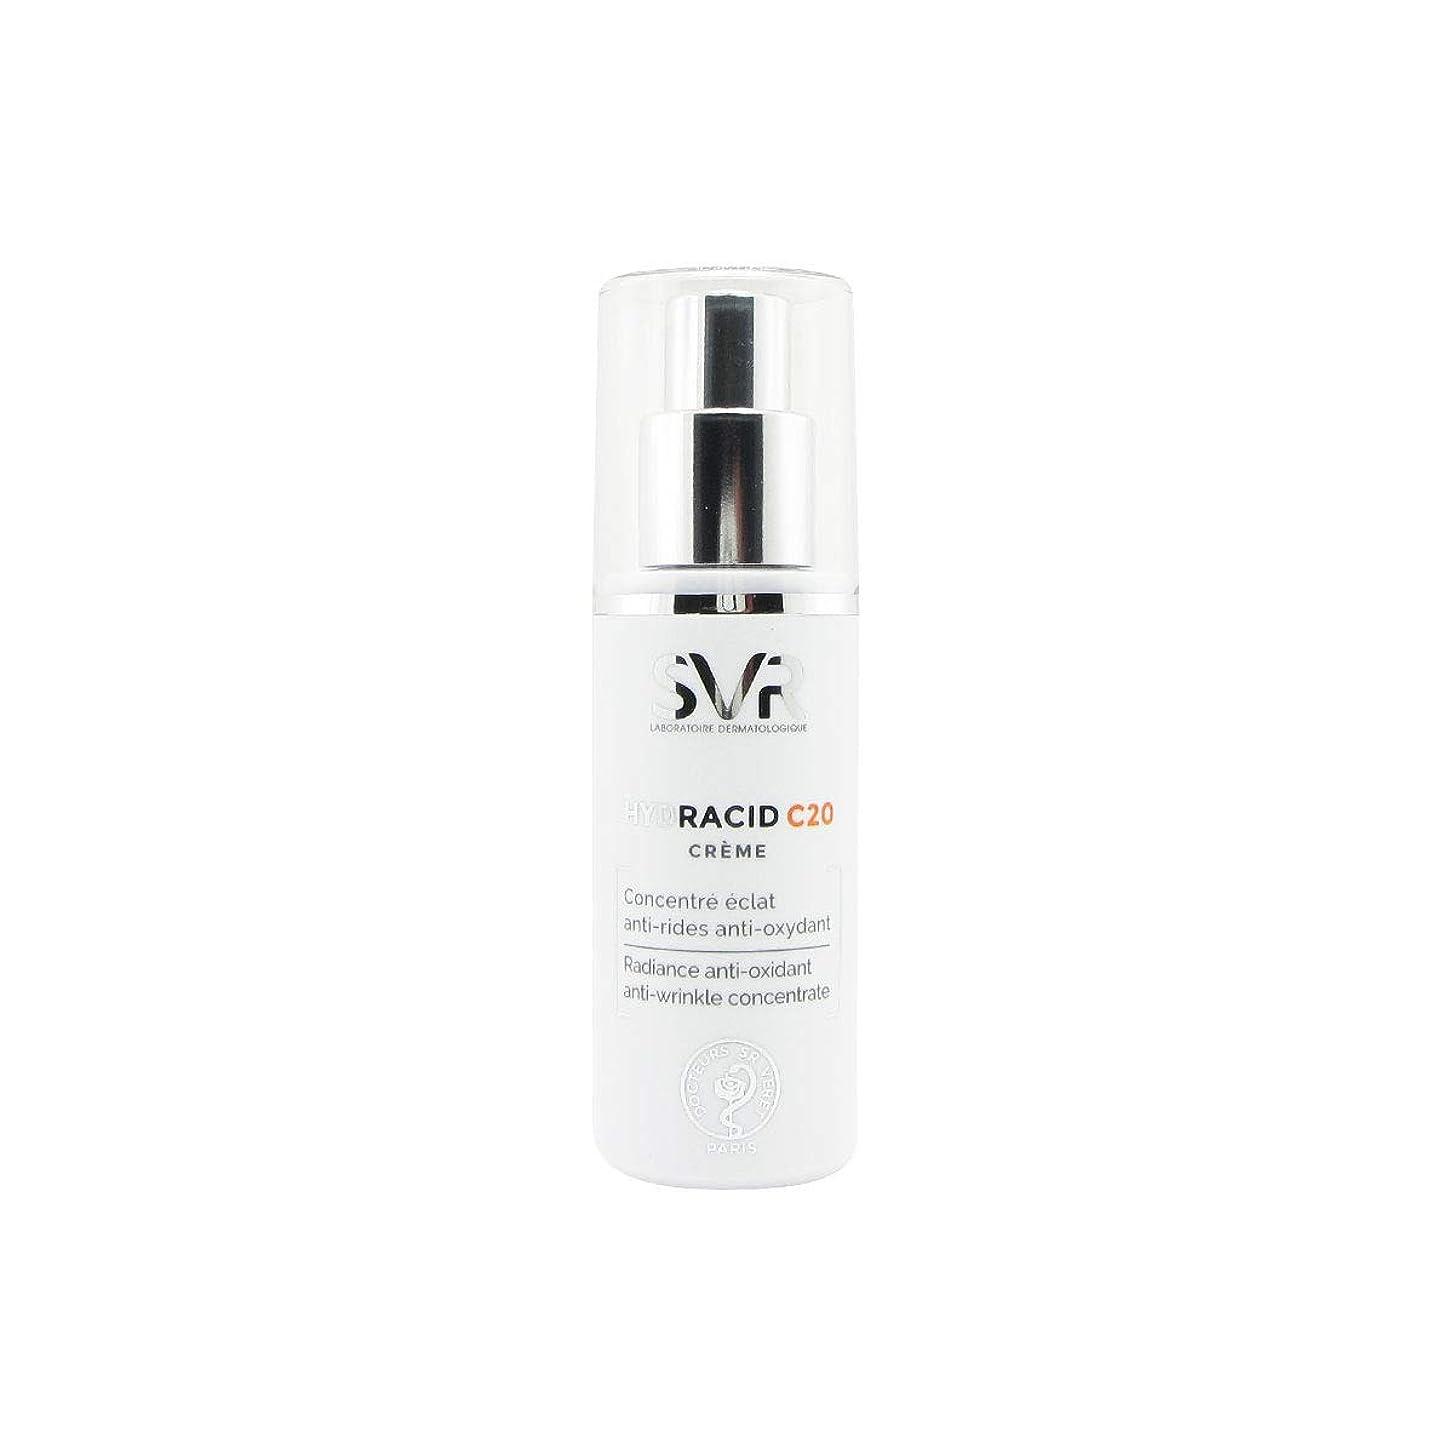 タオル自伝グレートバリアリーフSvr Hydracid C20 Cream 30ml [並行輸入品]